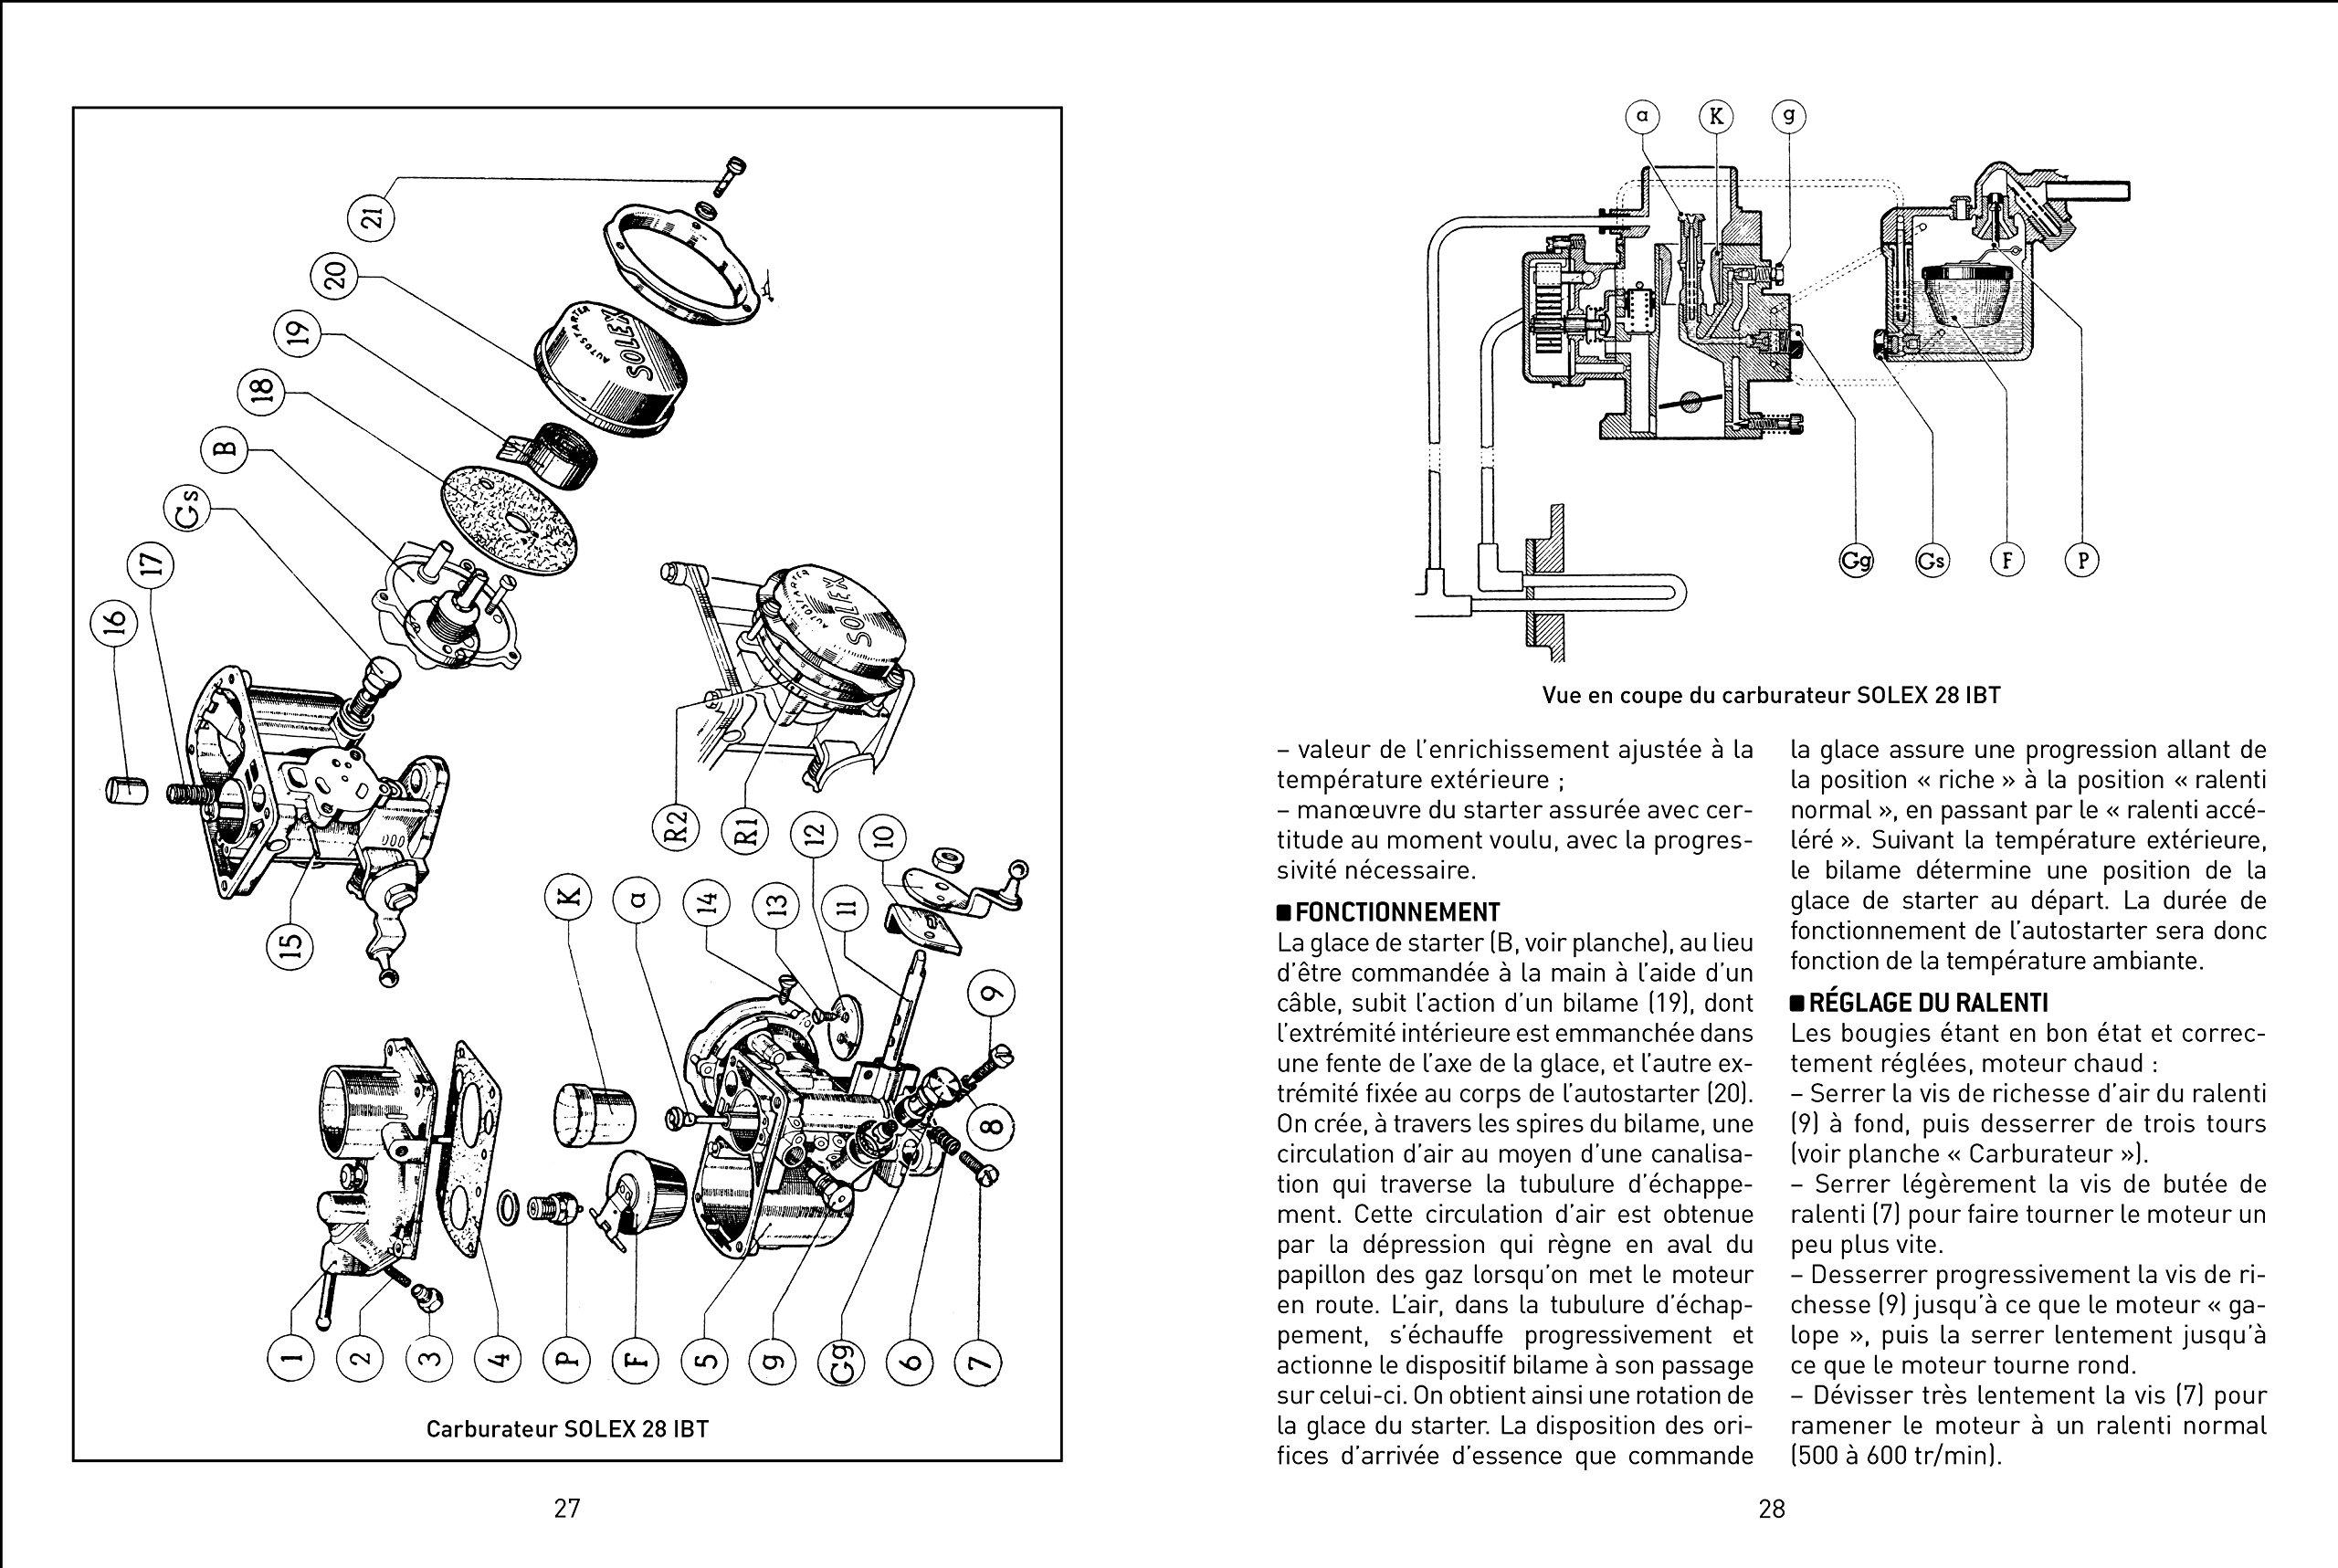 carburateur solex 28 ibt dauphine